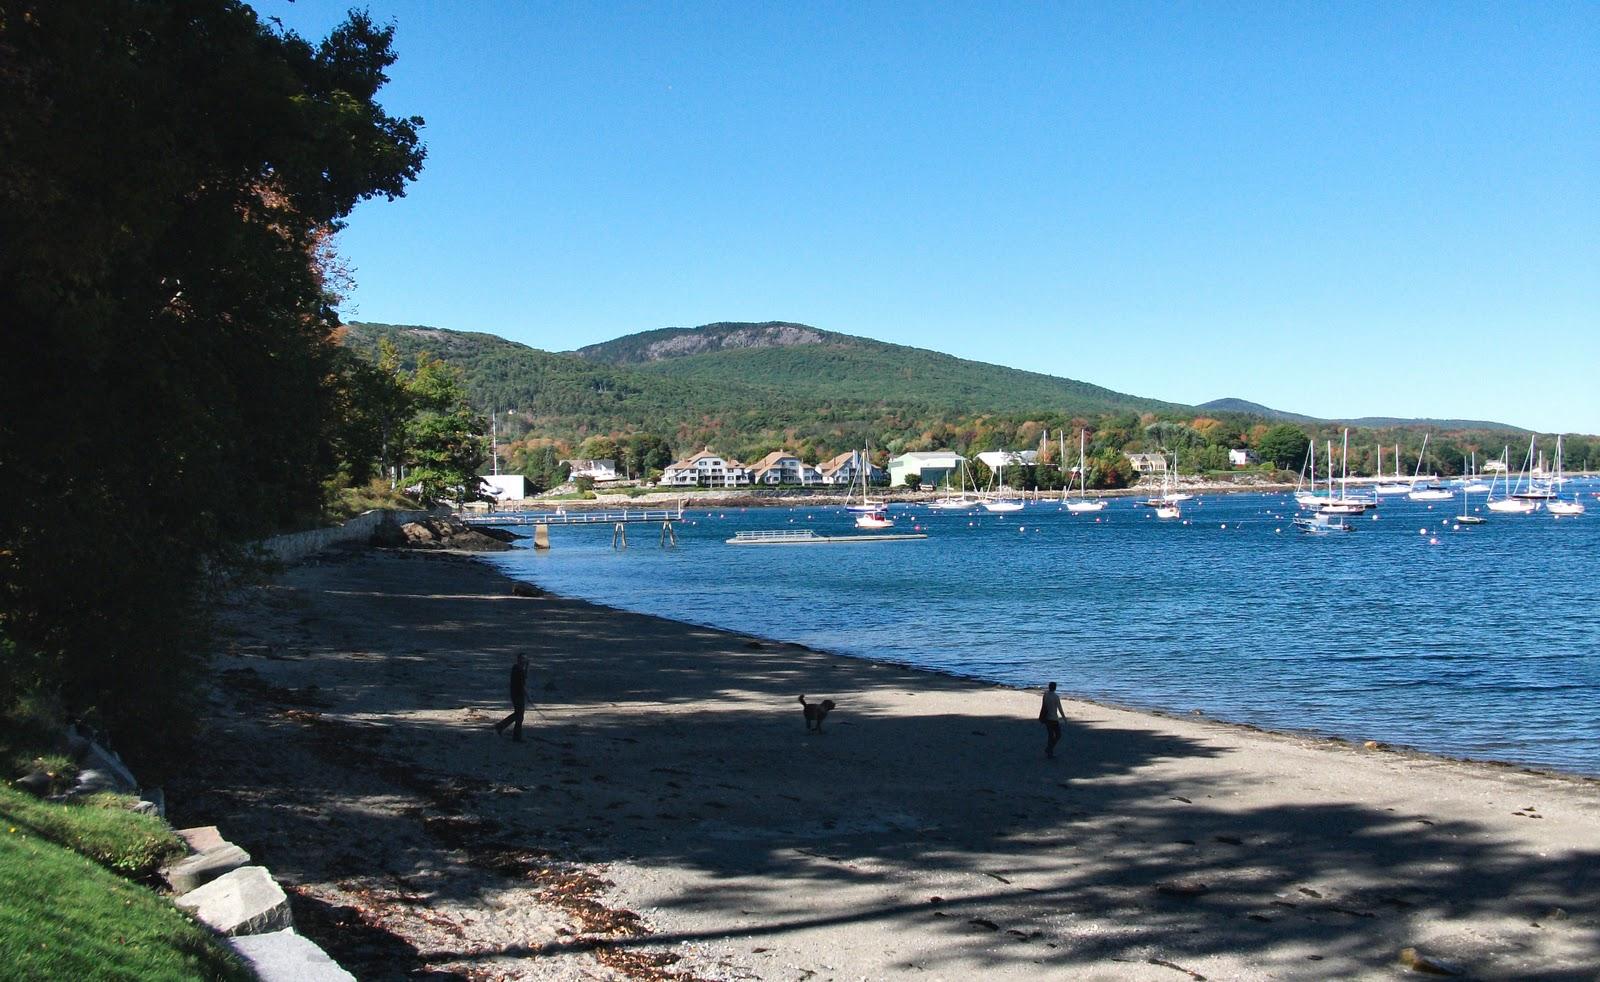 Laite Memorial Beach